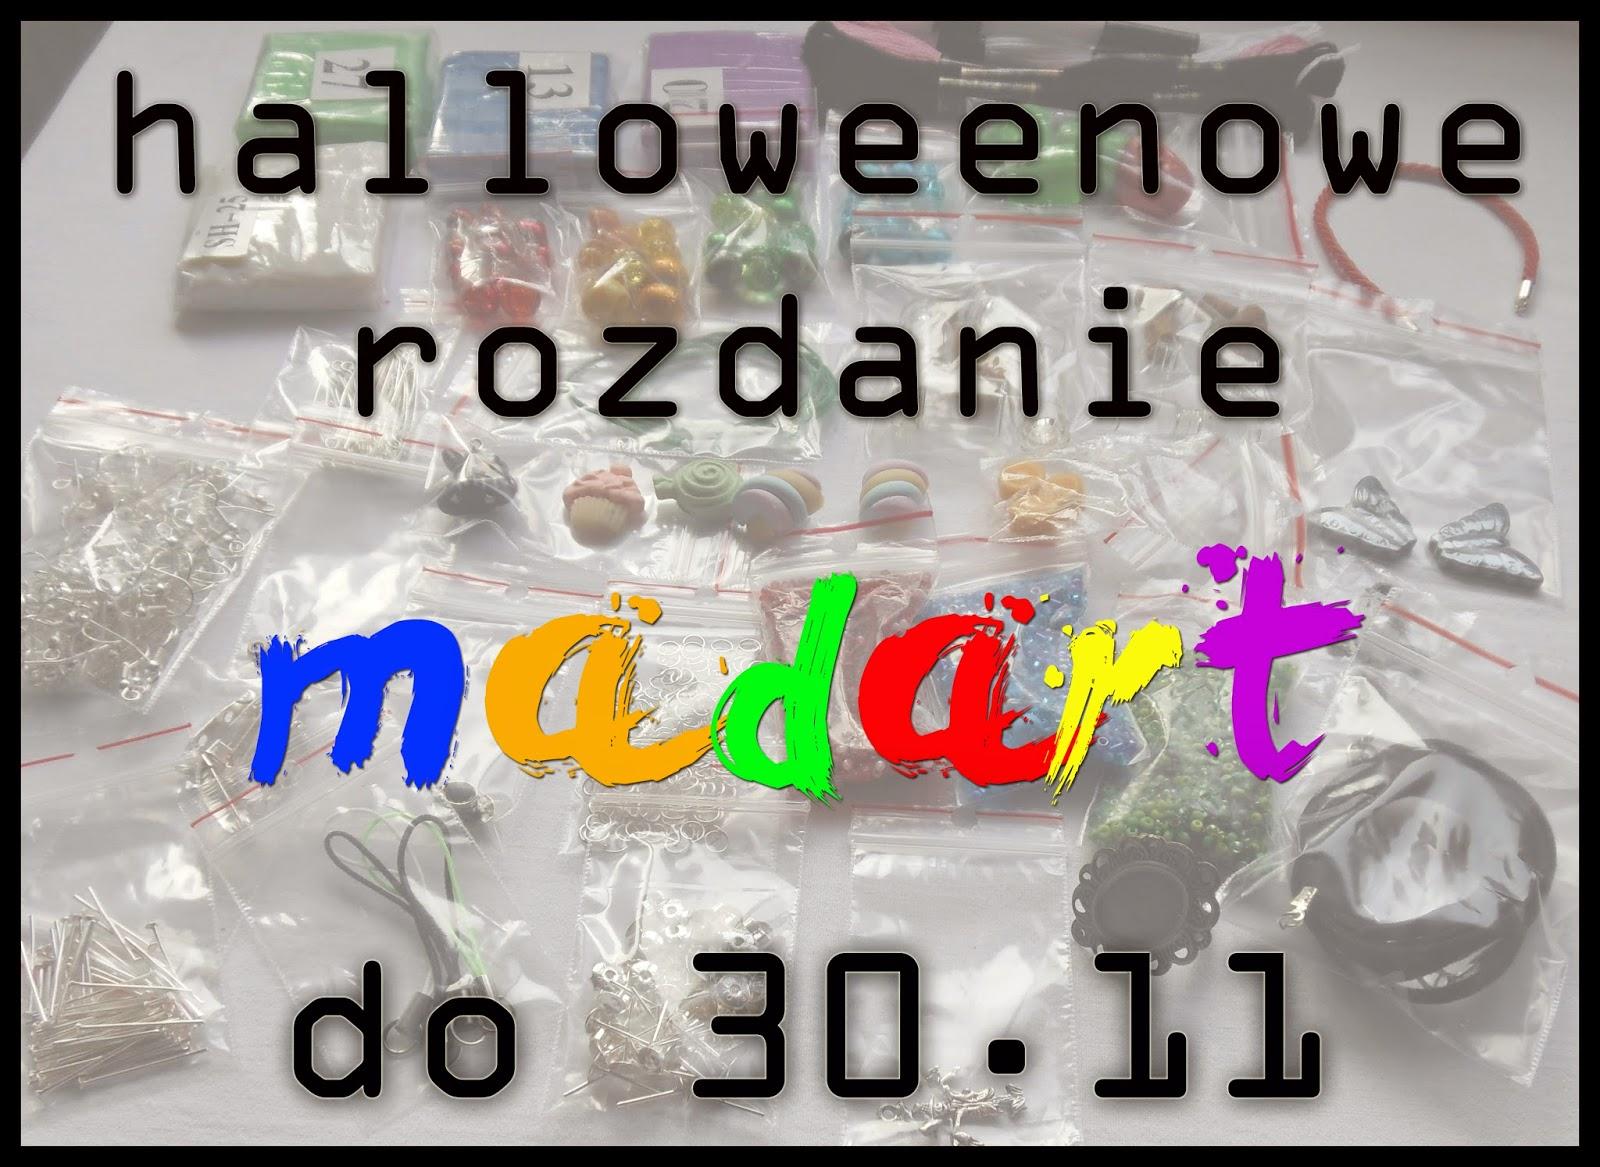 61.halloweenowe rozdanie u madart!